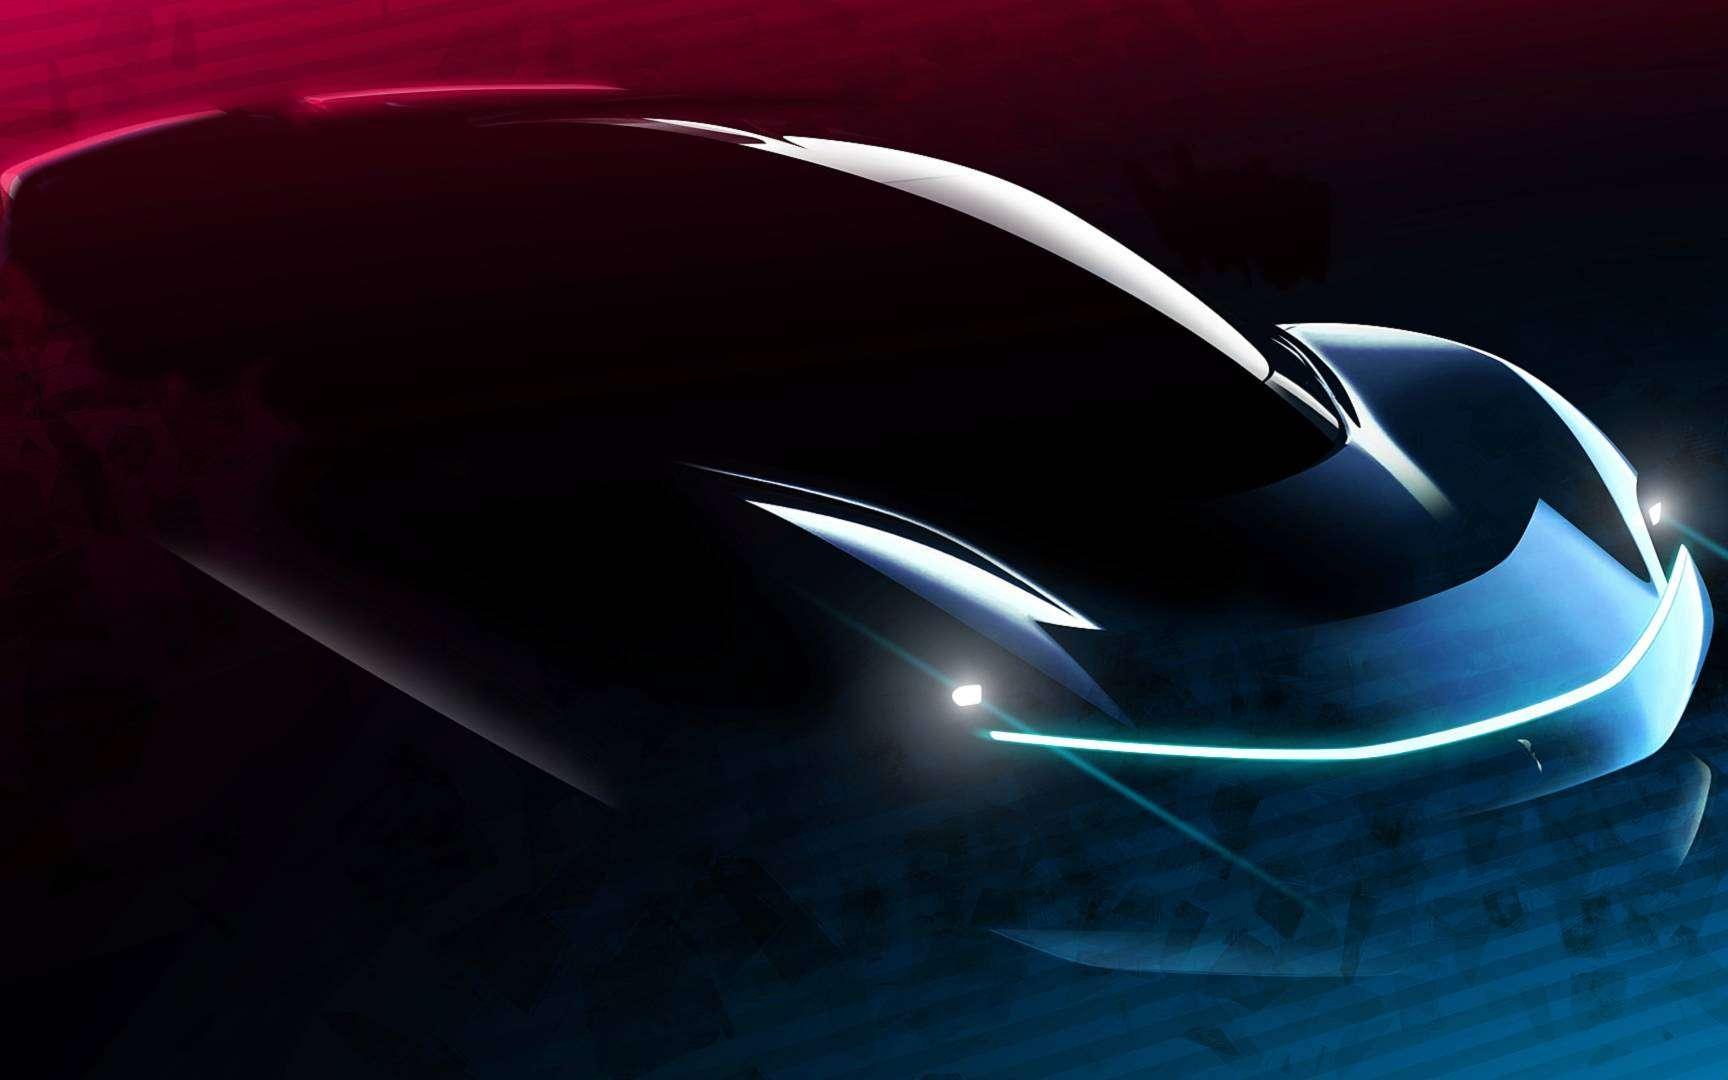 La Pininfarina PF0 sera à découvrir l'année prochaine, au salon automobile de Genève. © Pininfarina